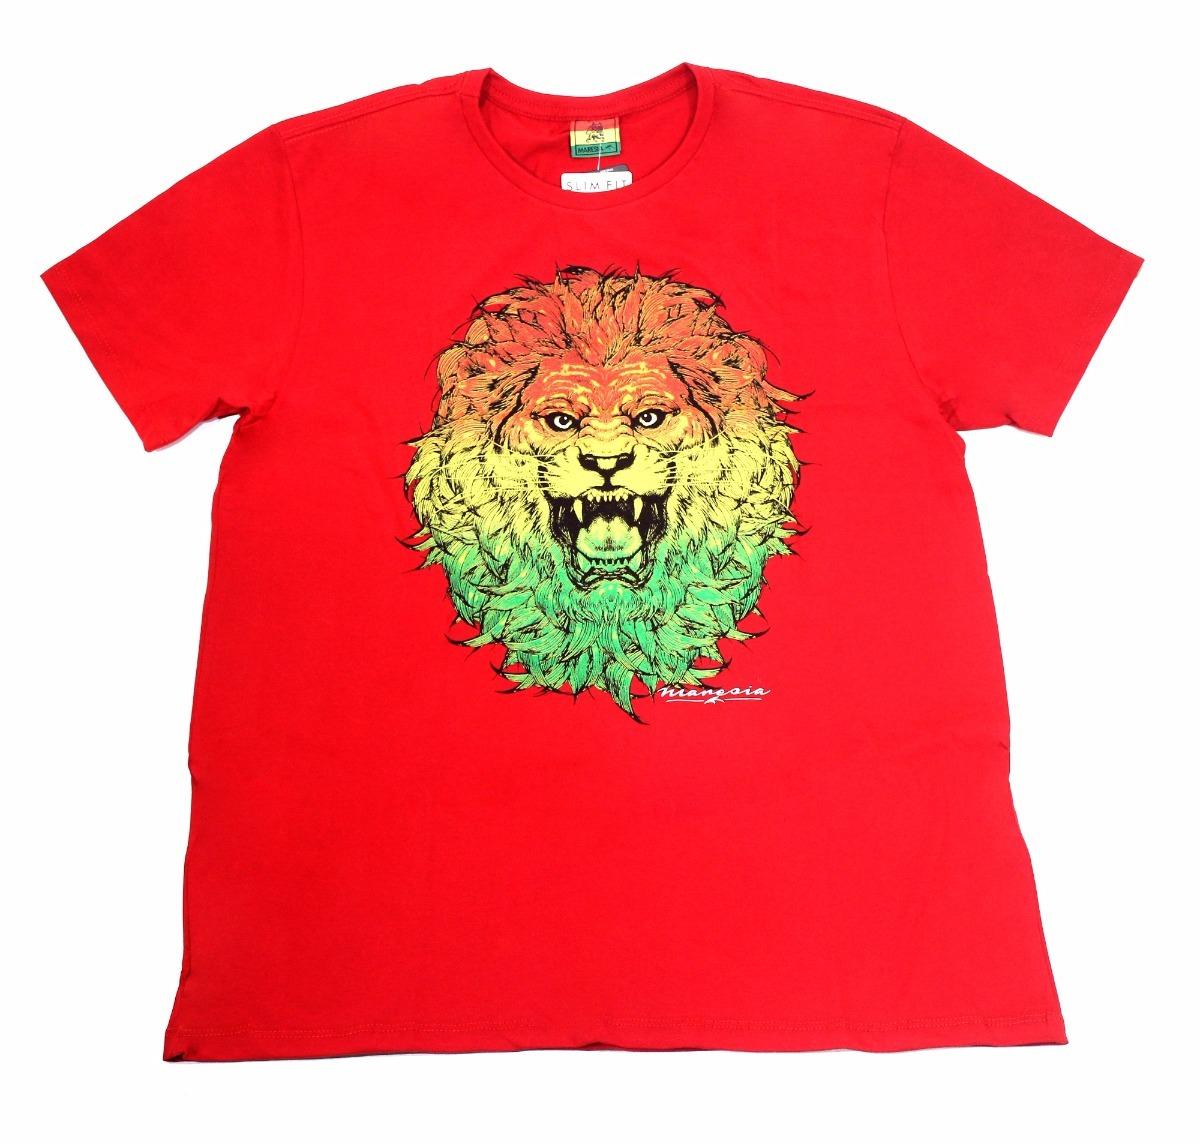 6de27efa6a camiseta maresia leão do reggae malha slim fit 100% algodão. Carregando  zoom.